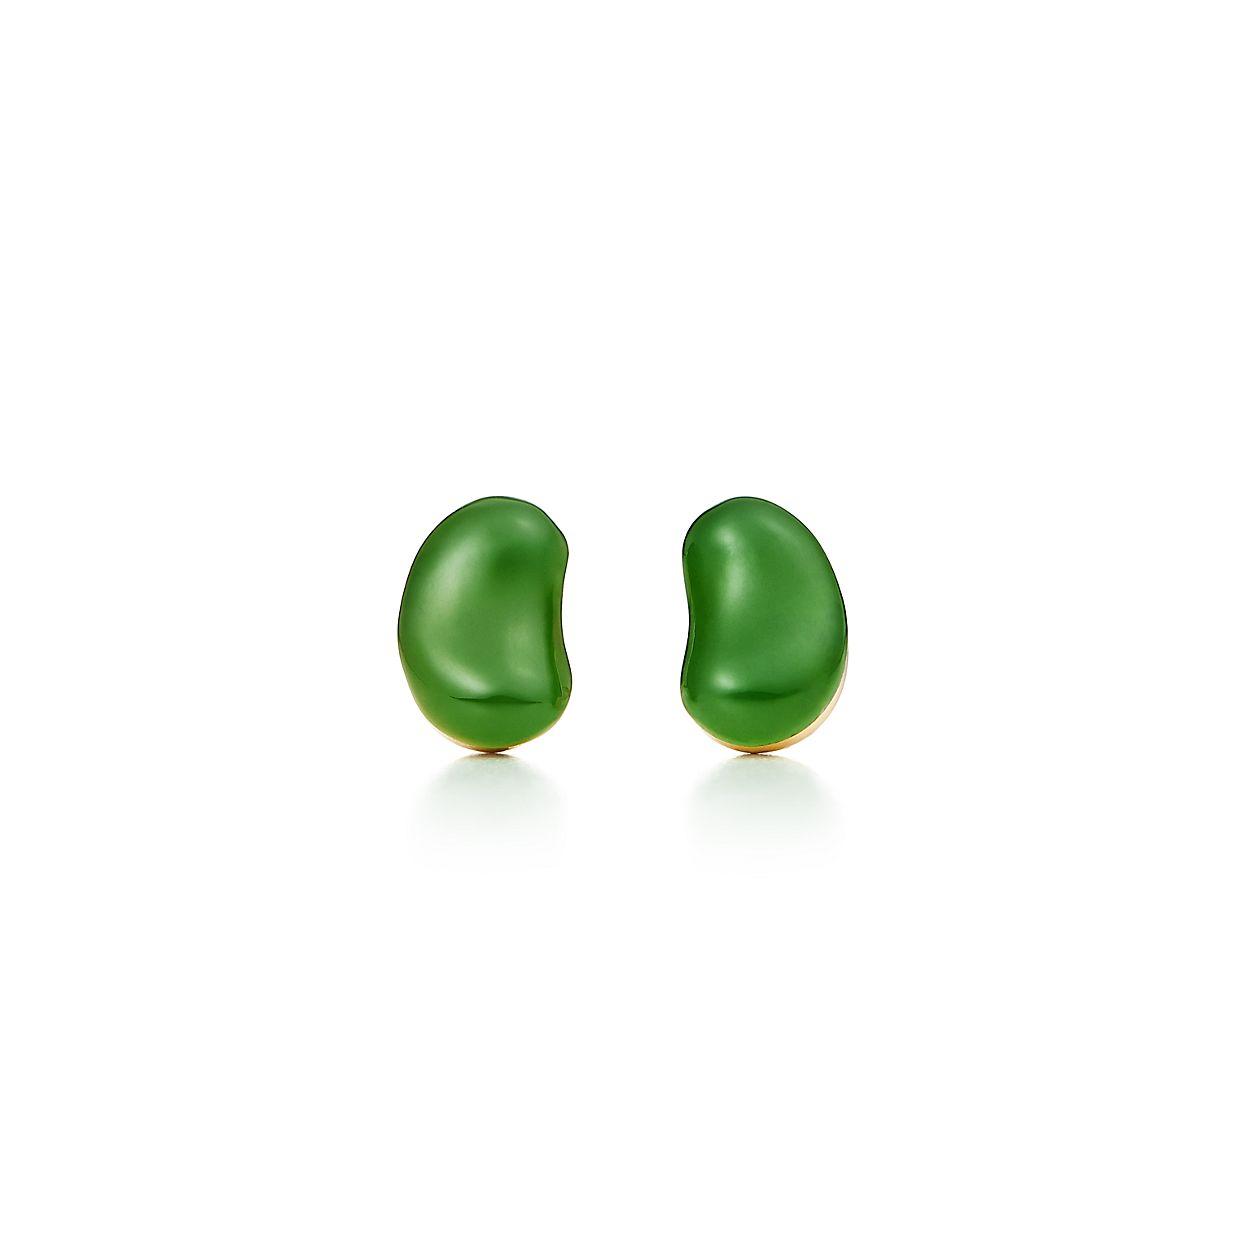 Elsa Peretti Bean earrings in 18k gold - Size 9 MM Tiffany & Co. SJTuXm67b